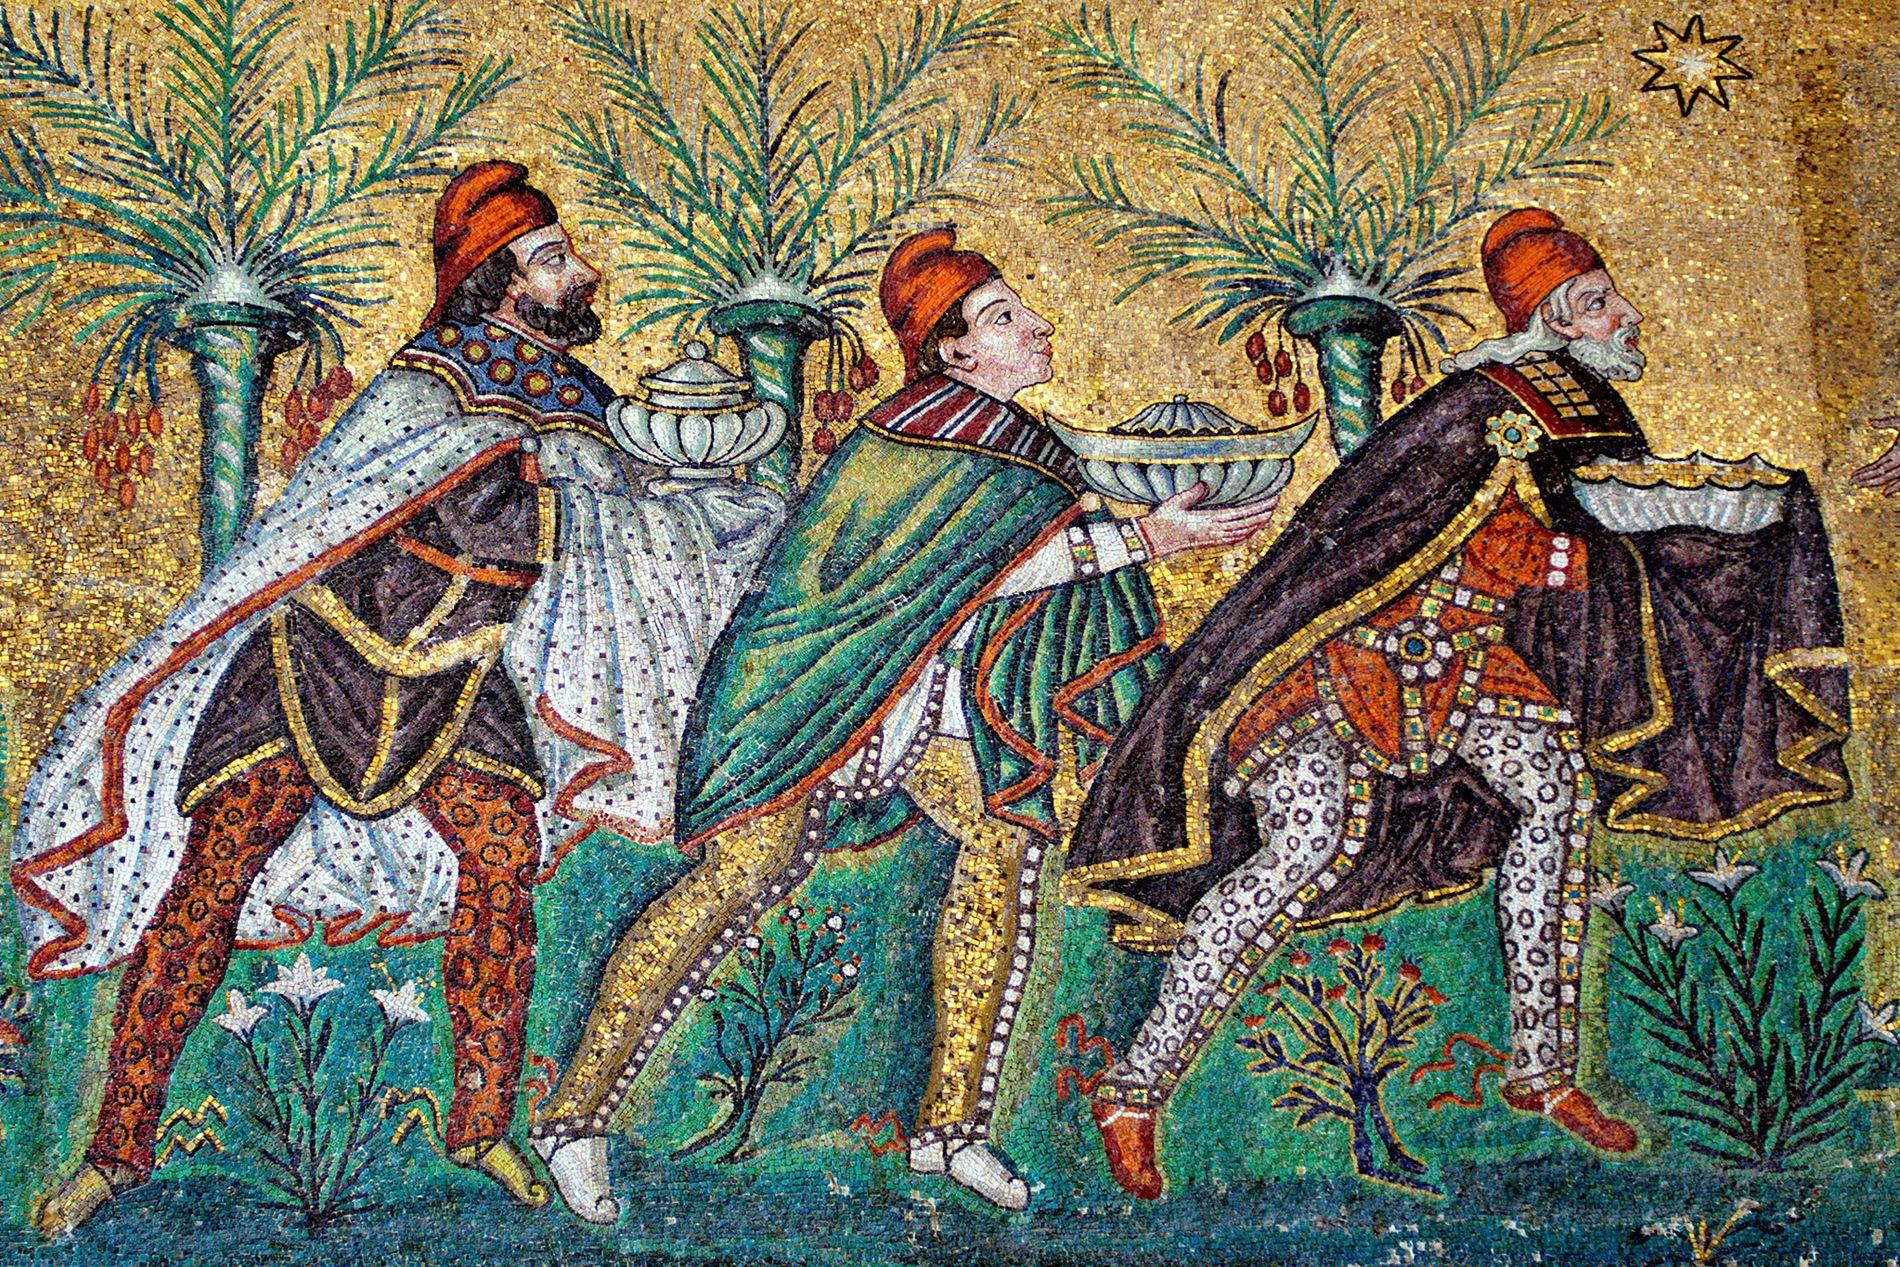 La historia bíblica de los Reyes Magos | National Geographic